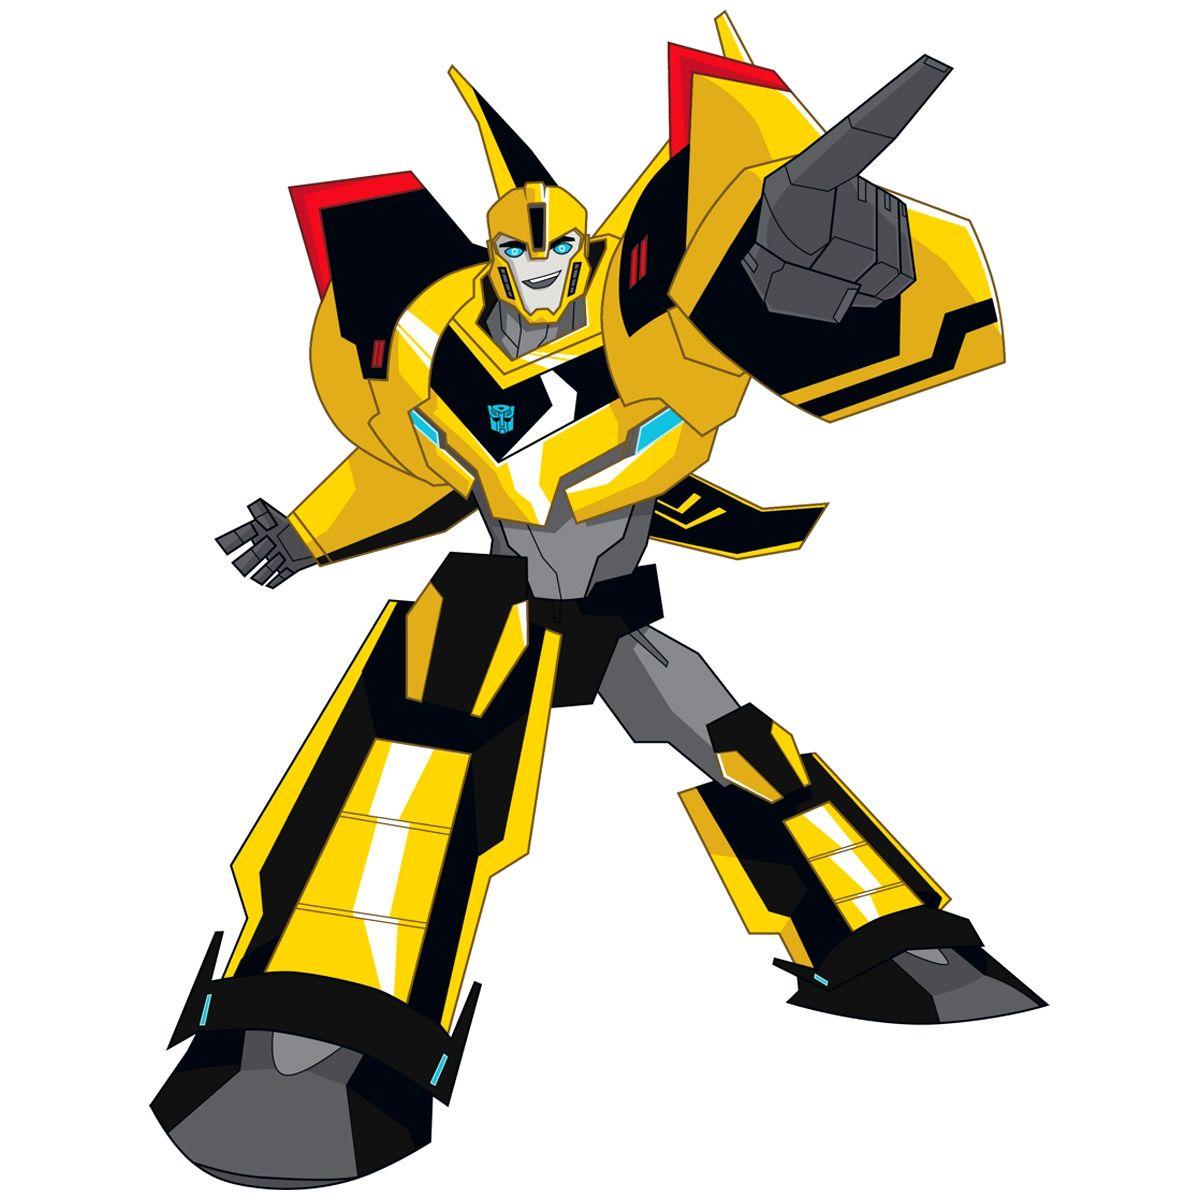 10 Mewarnai Gambar Transformer Bonikids Coloring Page